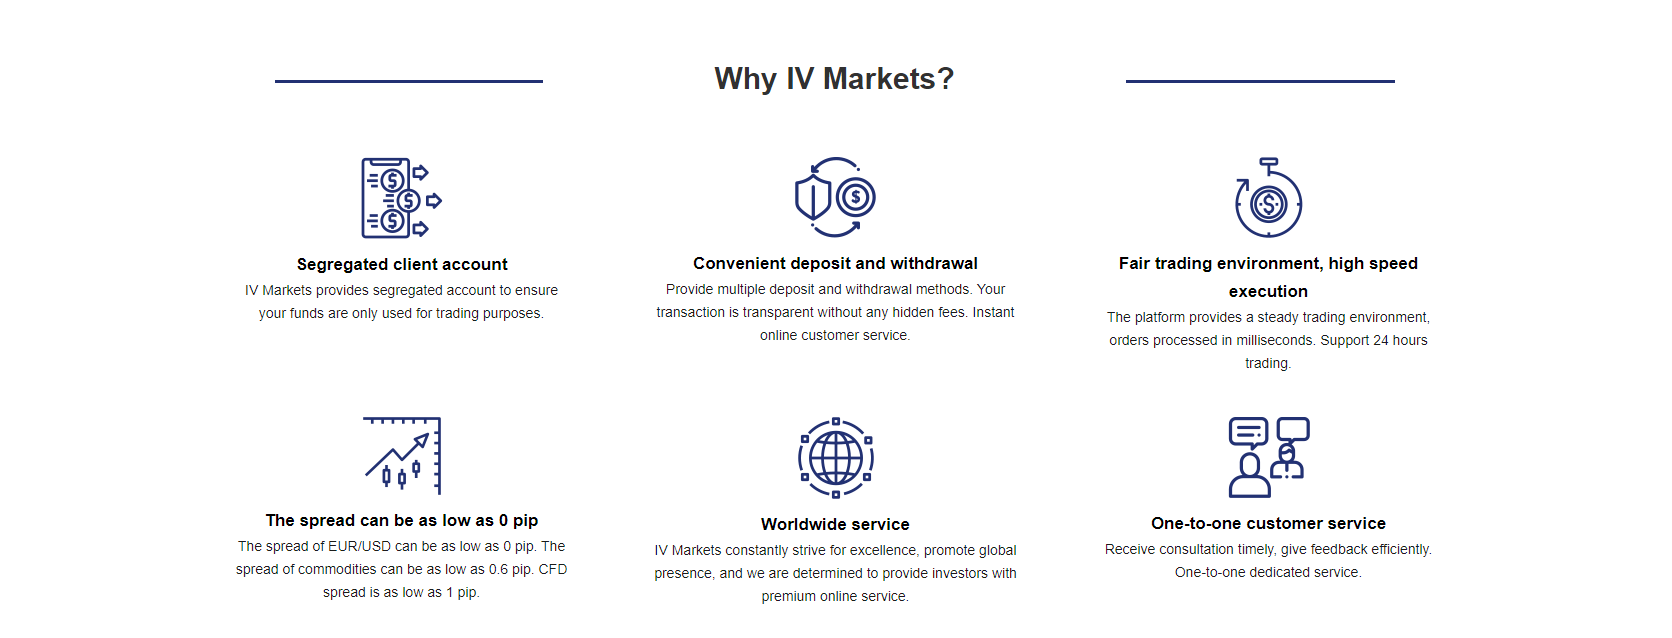 что предлагает iv markets